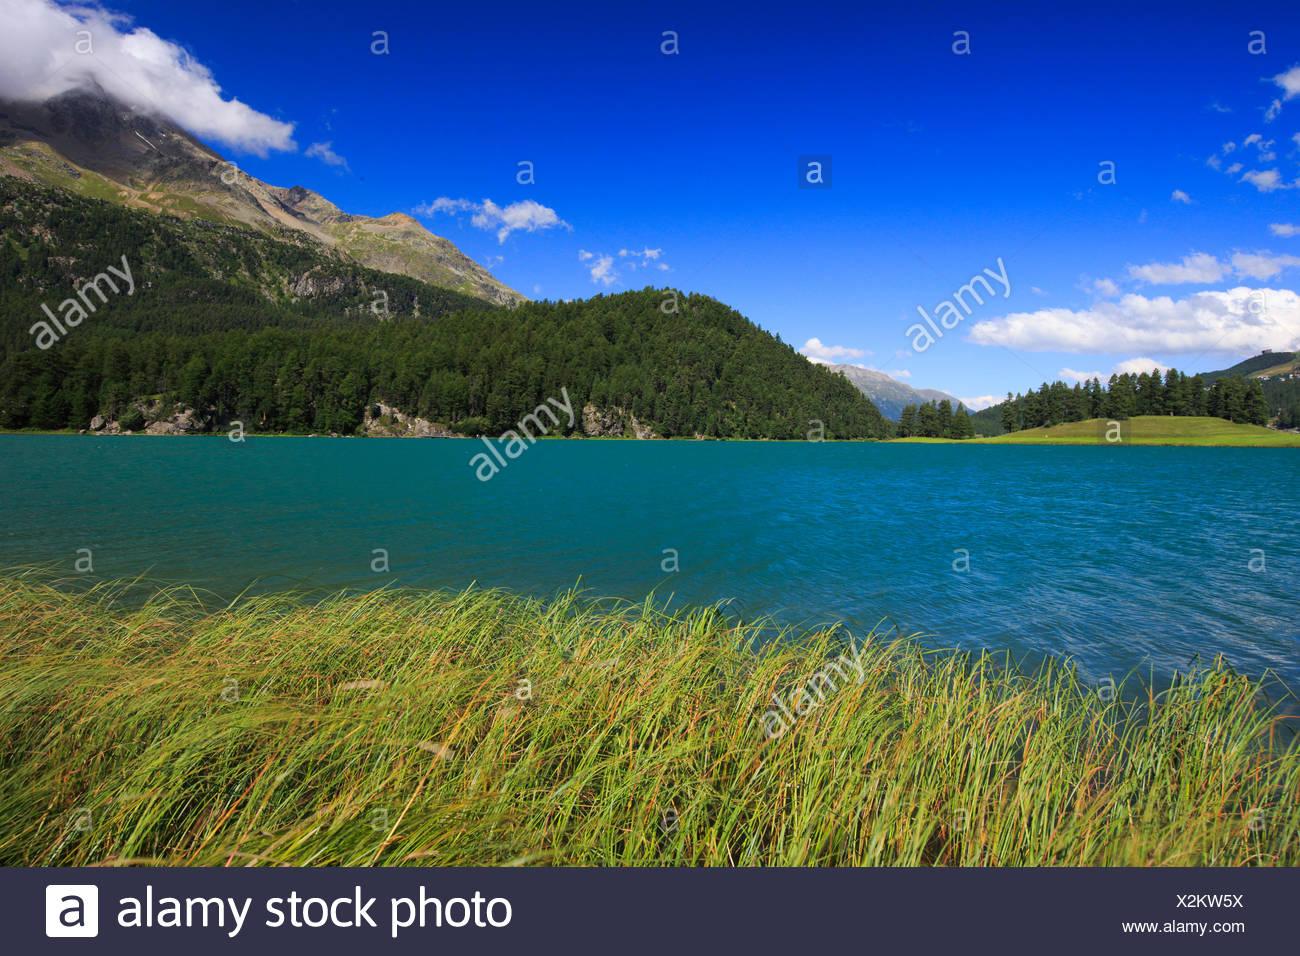 Lej da ChampfÞr, Lej Suot, Piz Surlej, Switzerland, Grisons, Engadine Stock Photo